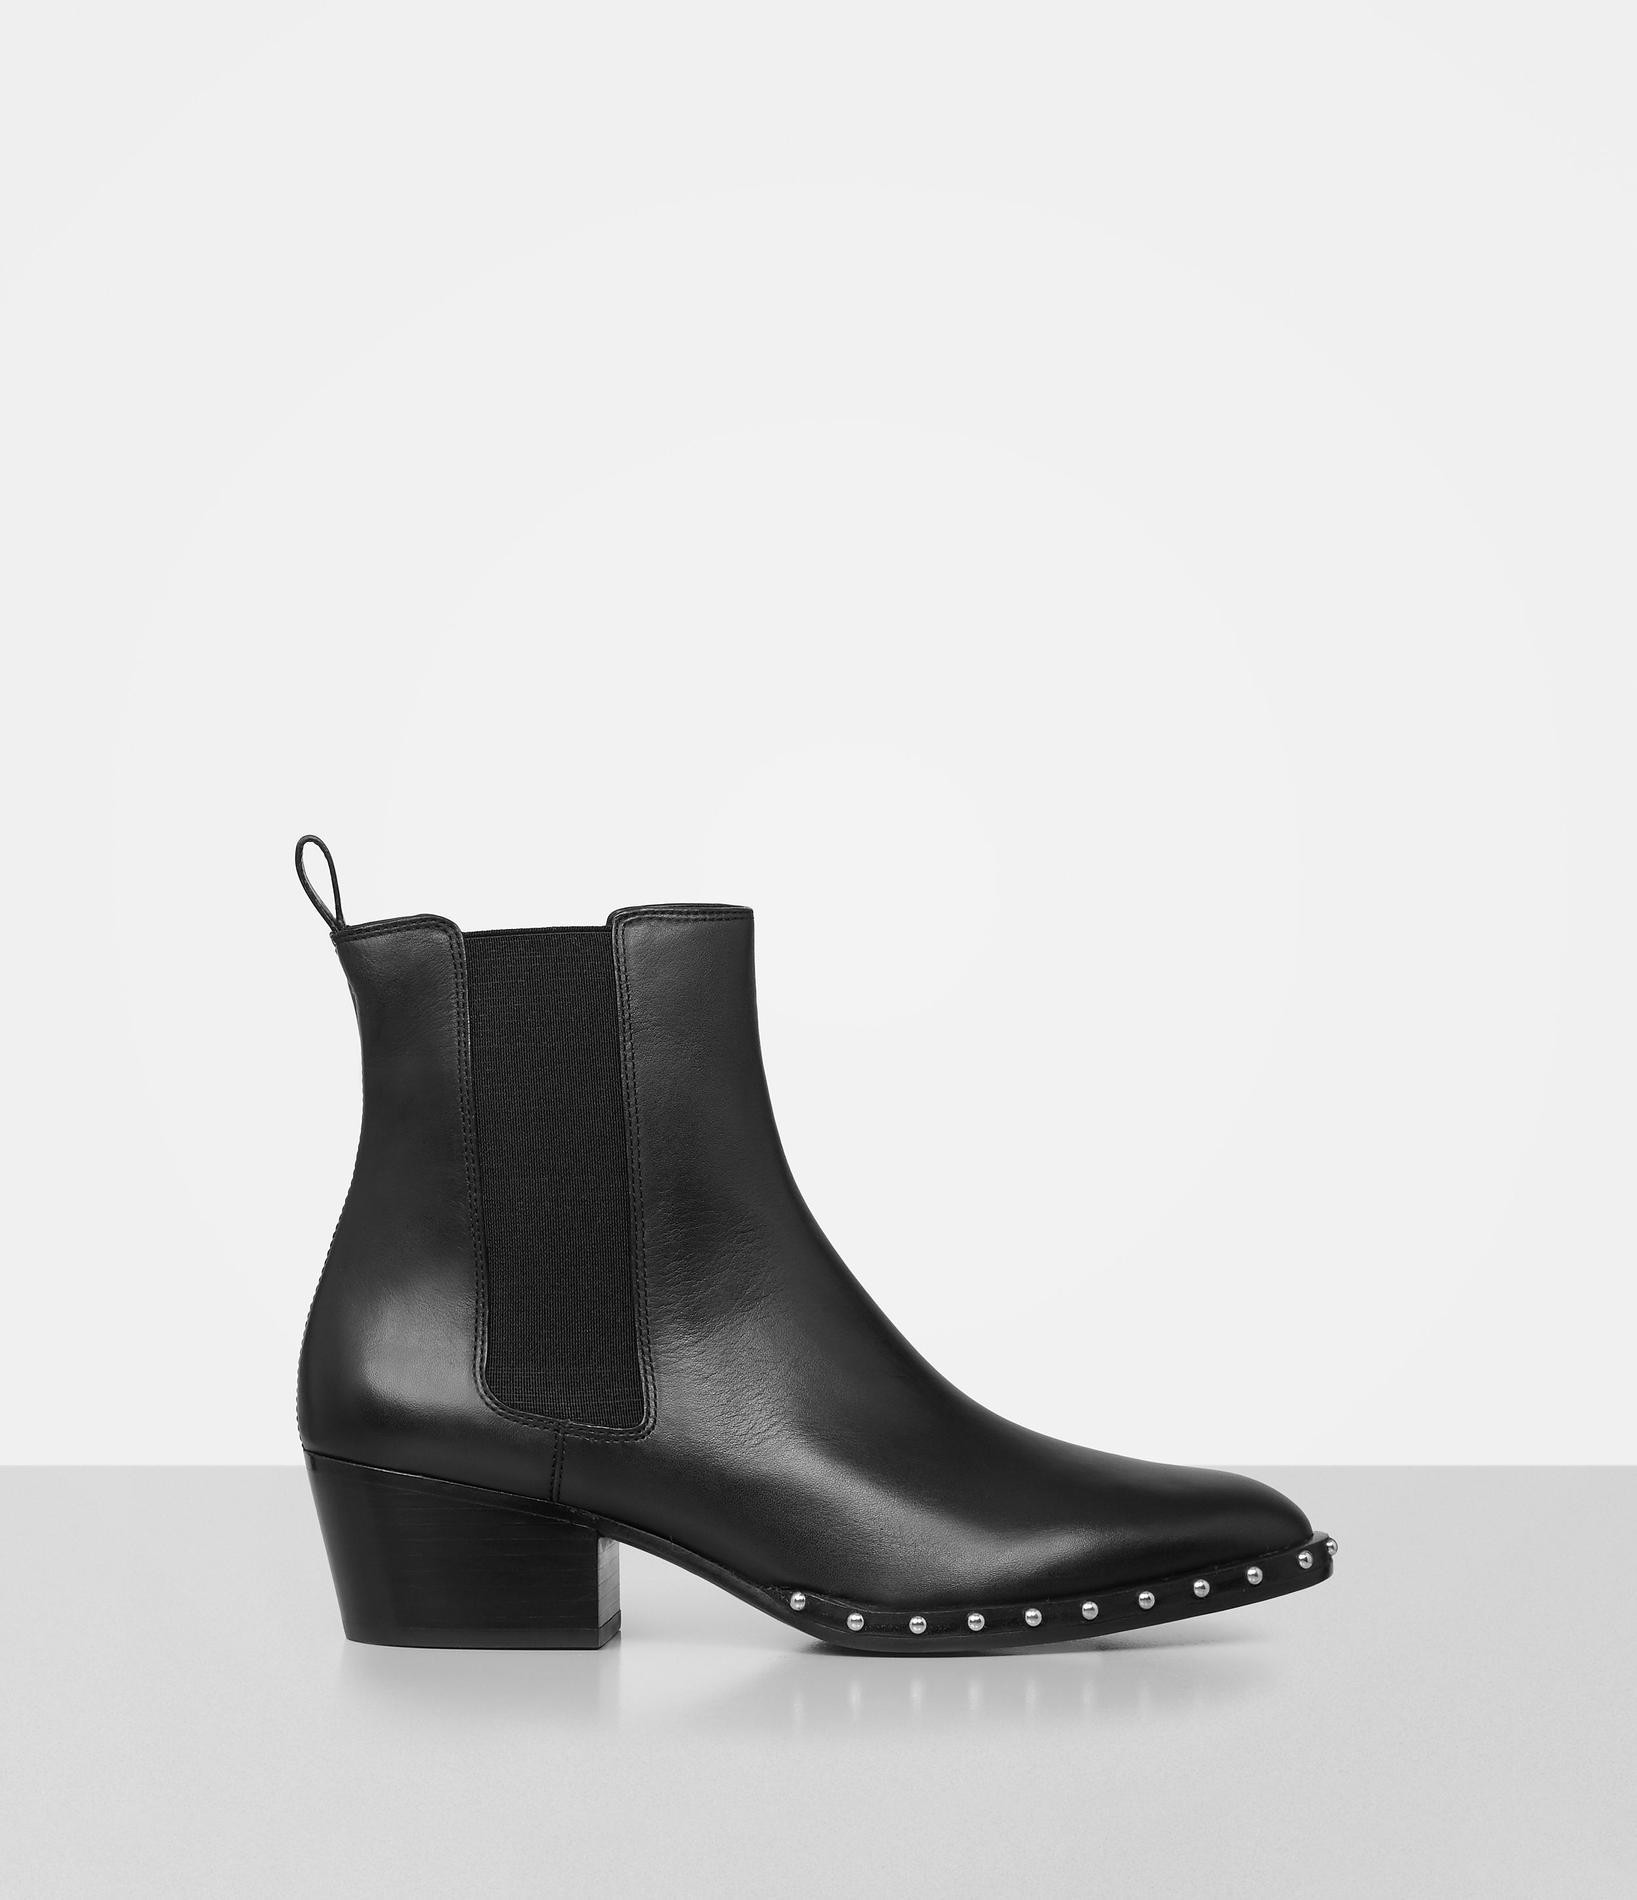 4fdf0fcb0a91c9 ... Des chaussures pour affronter l'automne avec style - All Saints ...